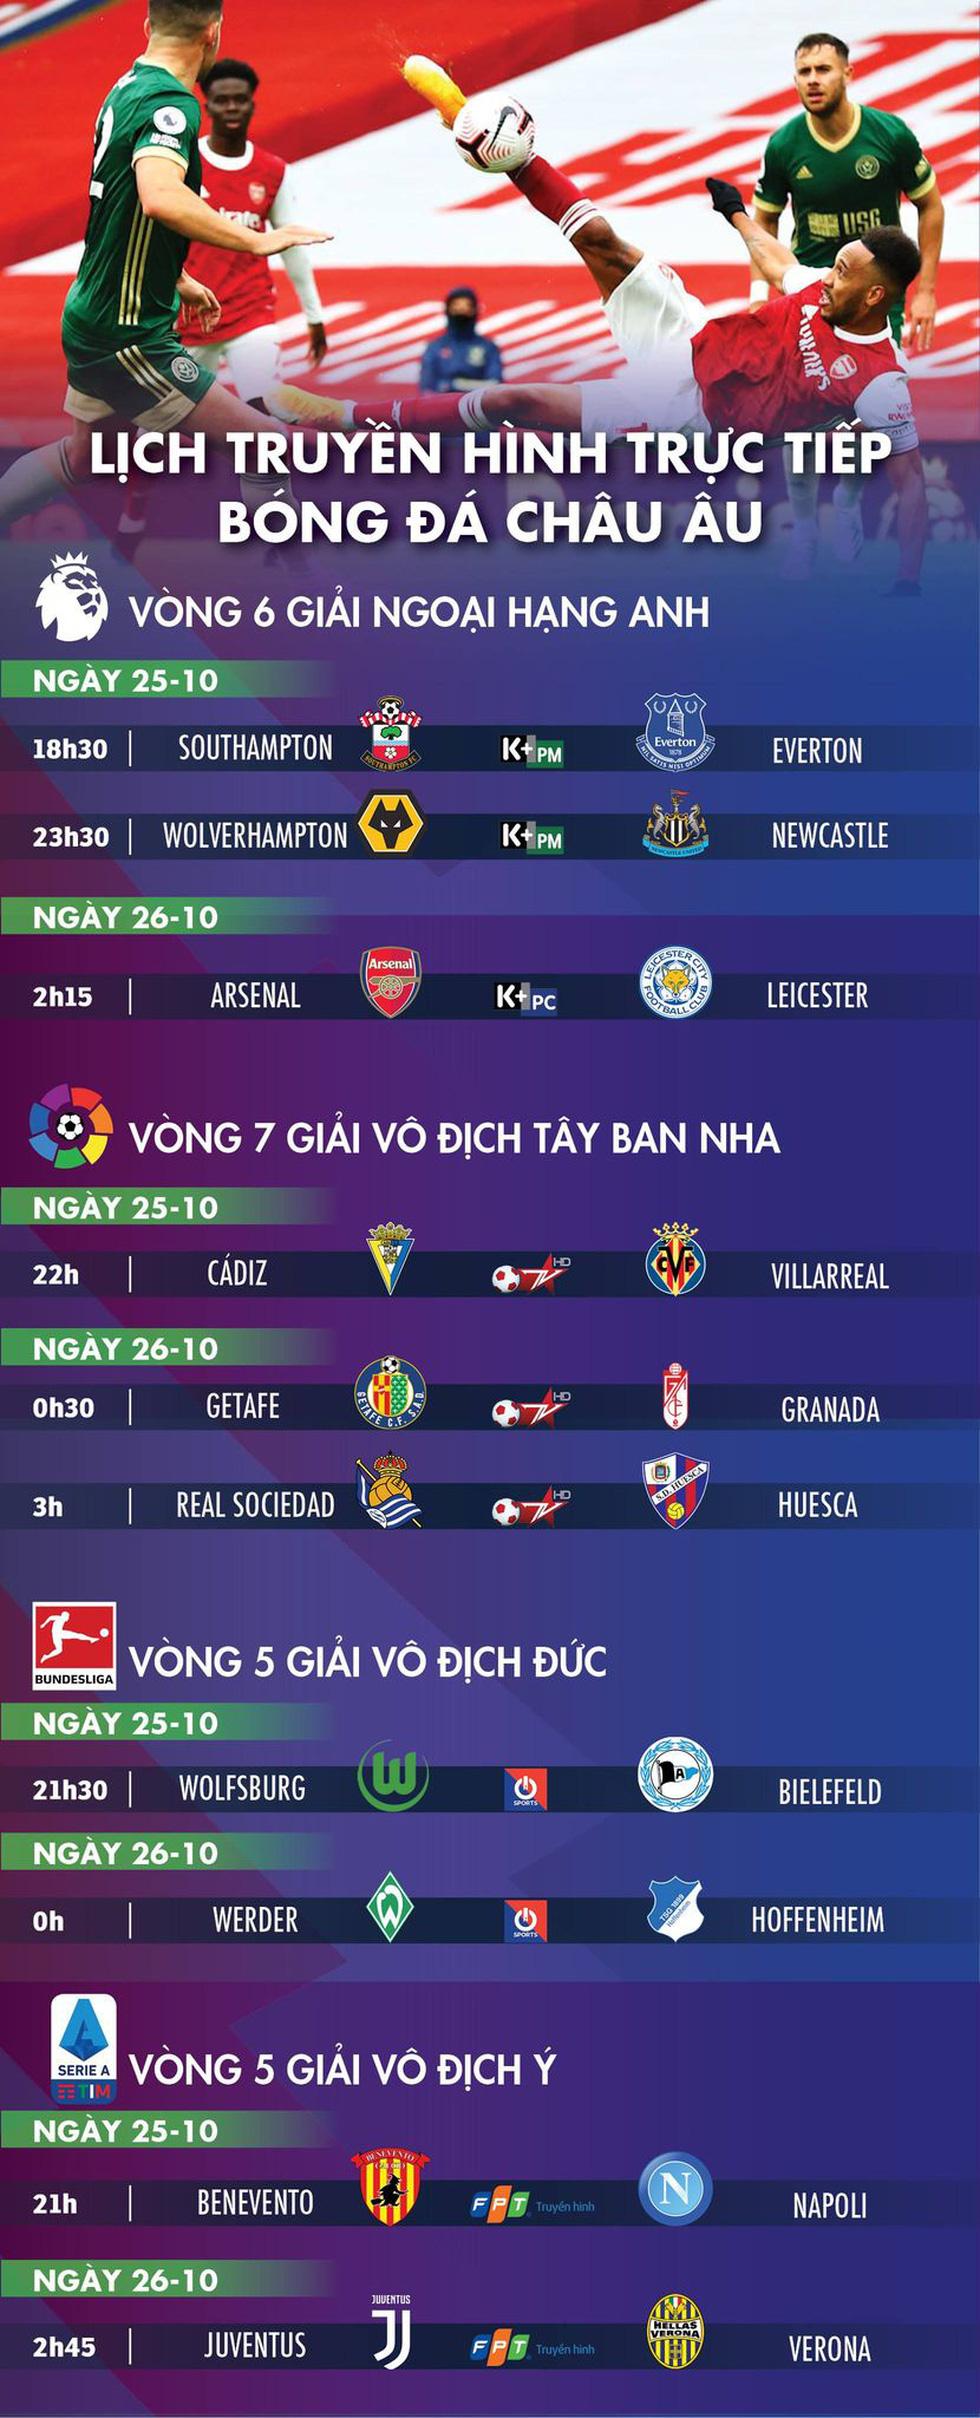 Lịch trực tiếp bóng đá châu Âu 26-10: Arsenal đụng độ Leicester - Ảnh 1.